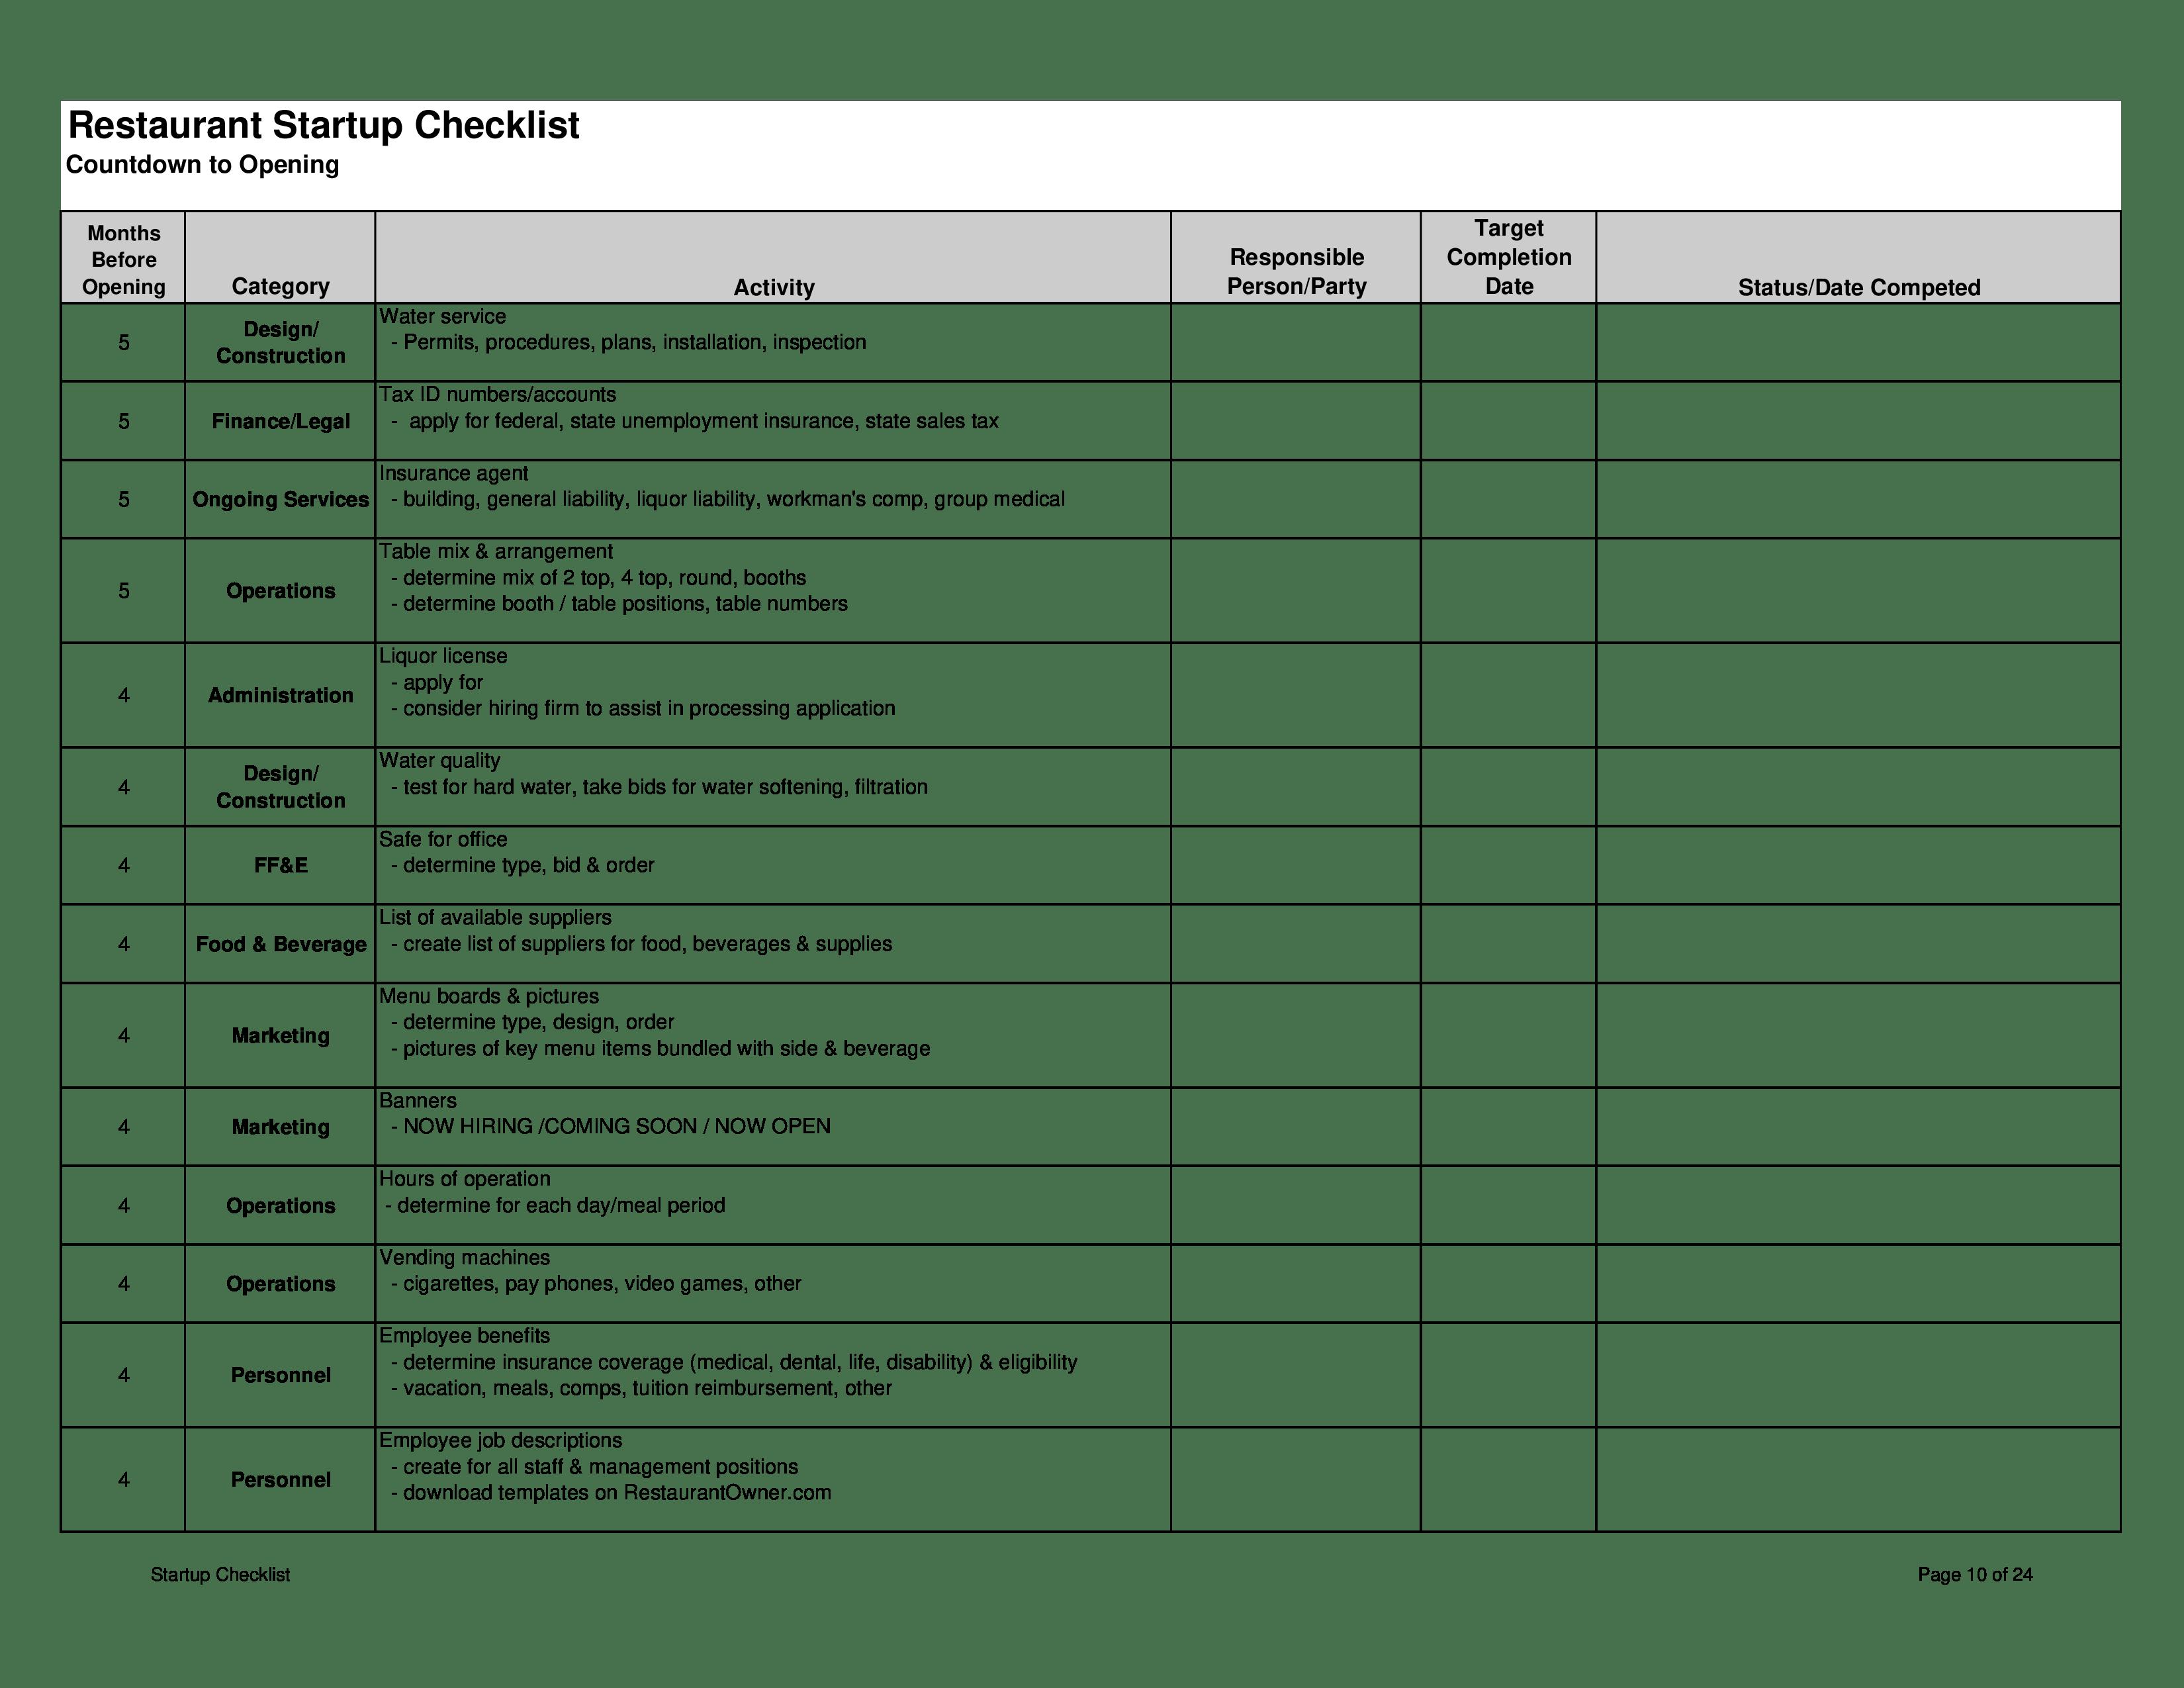 Restaurant Startup Checklist